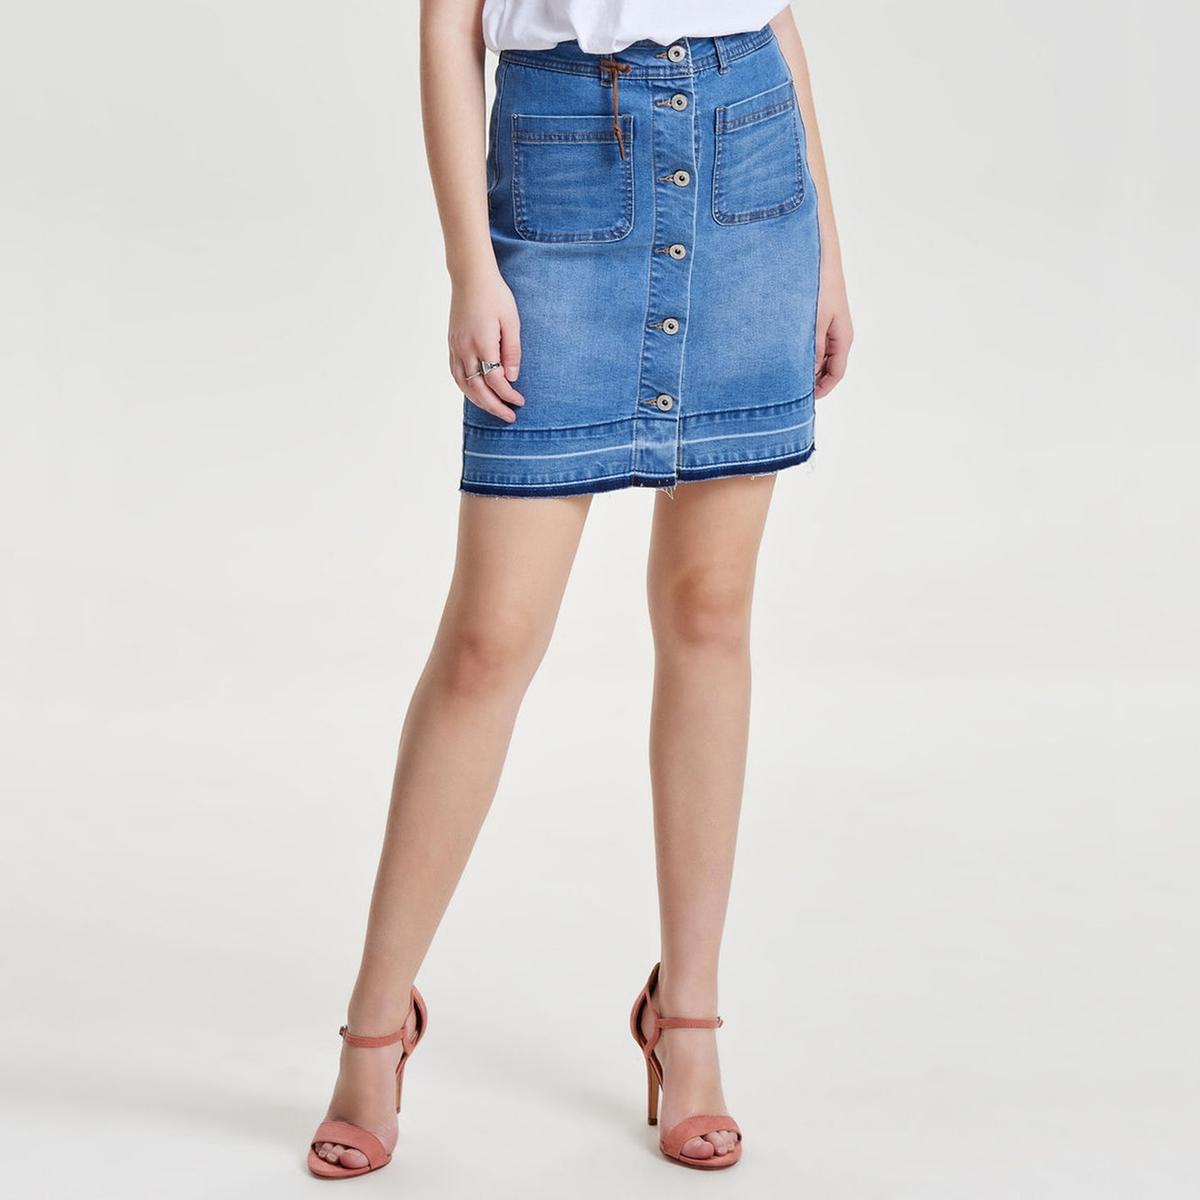 Юбка джинсовая на пуговицахОписание:      Материал : 3% вискозы, 72% хлопка, 2% эластана, 23% полиэстера     Рисунок : однотонная модель     Длина юбки : до колен<br><br>Цвет: синий потертый